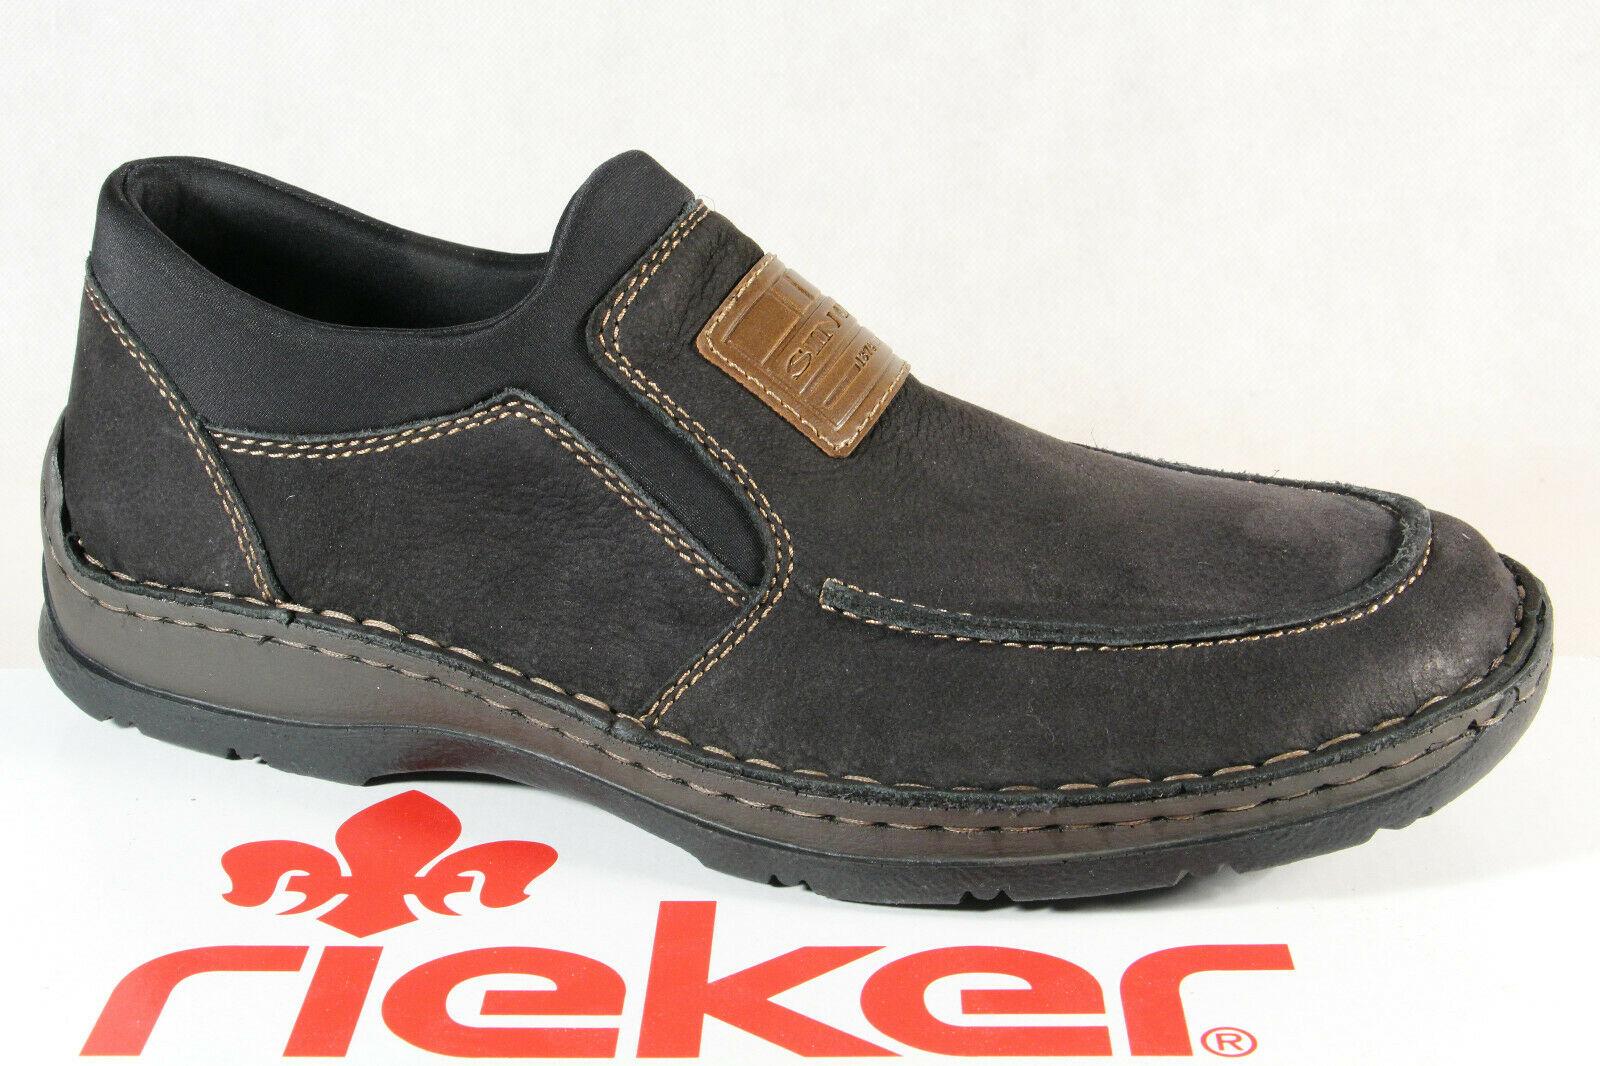 Rieker Slipper Halbschuhe Sneaker schwarz Extra Weit 05352 Echtleder NEU!!